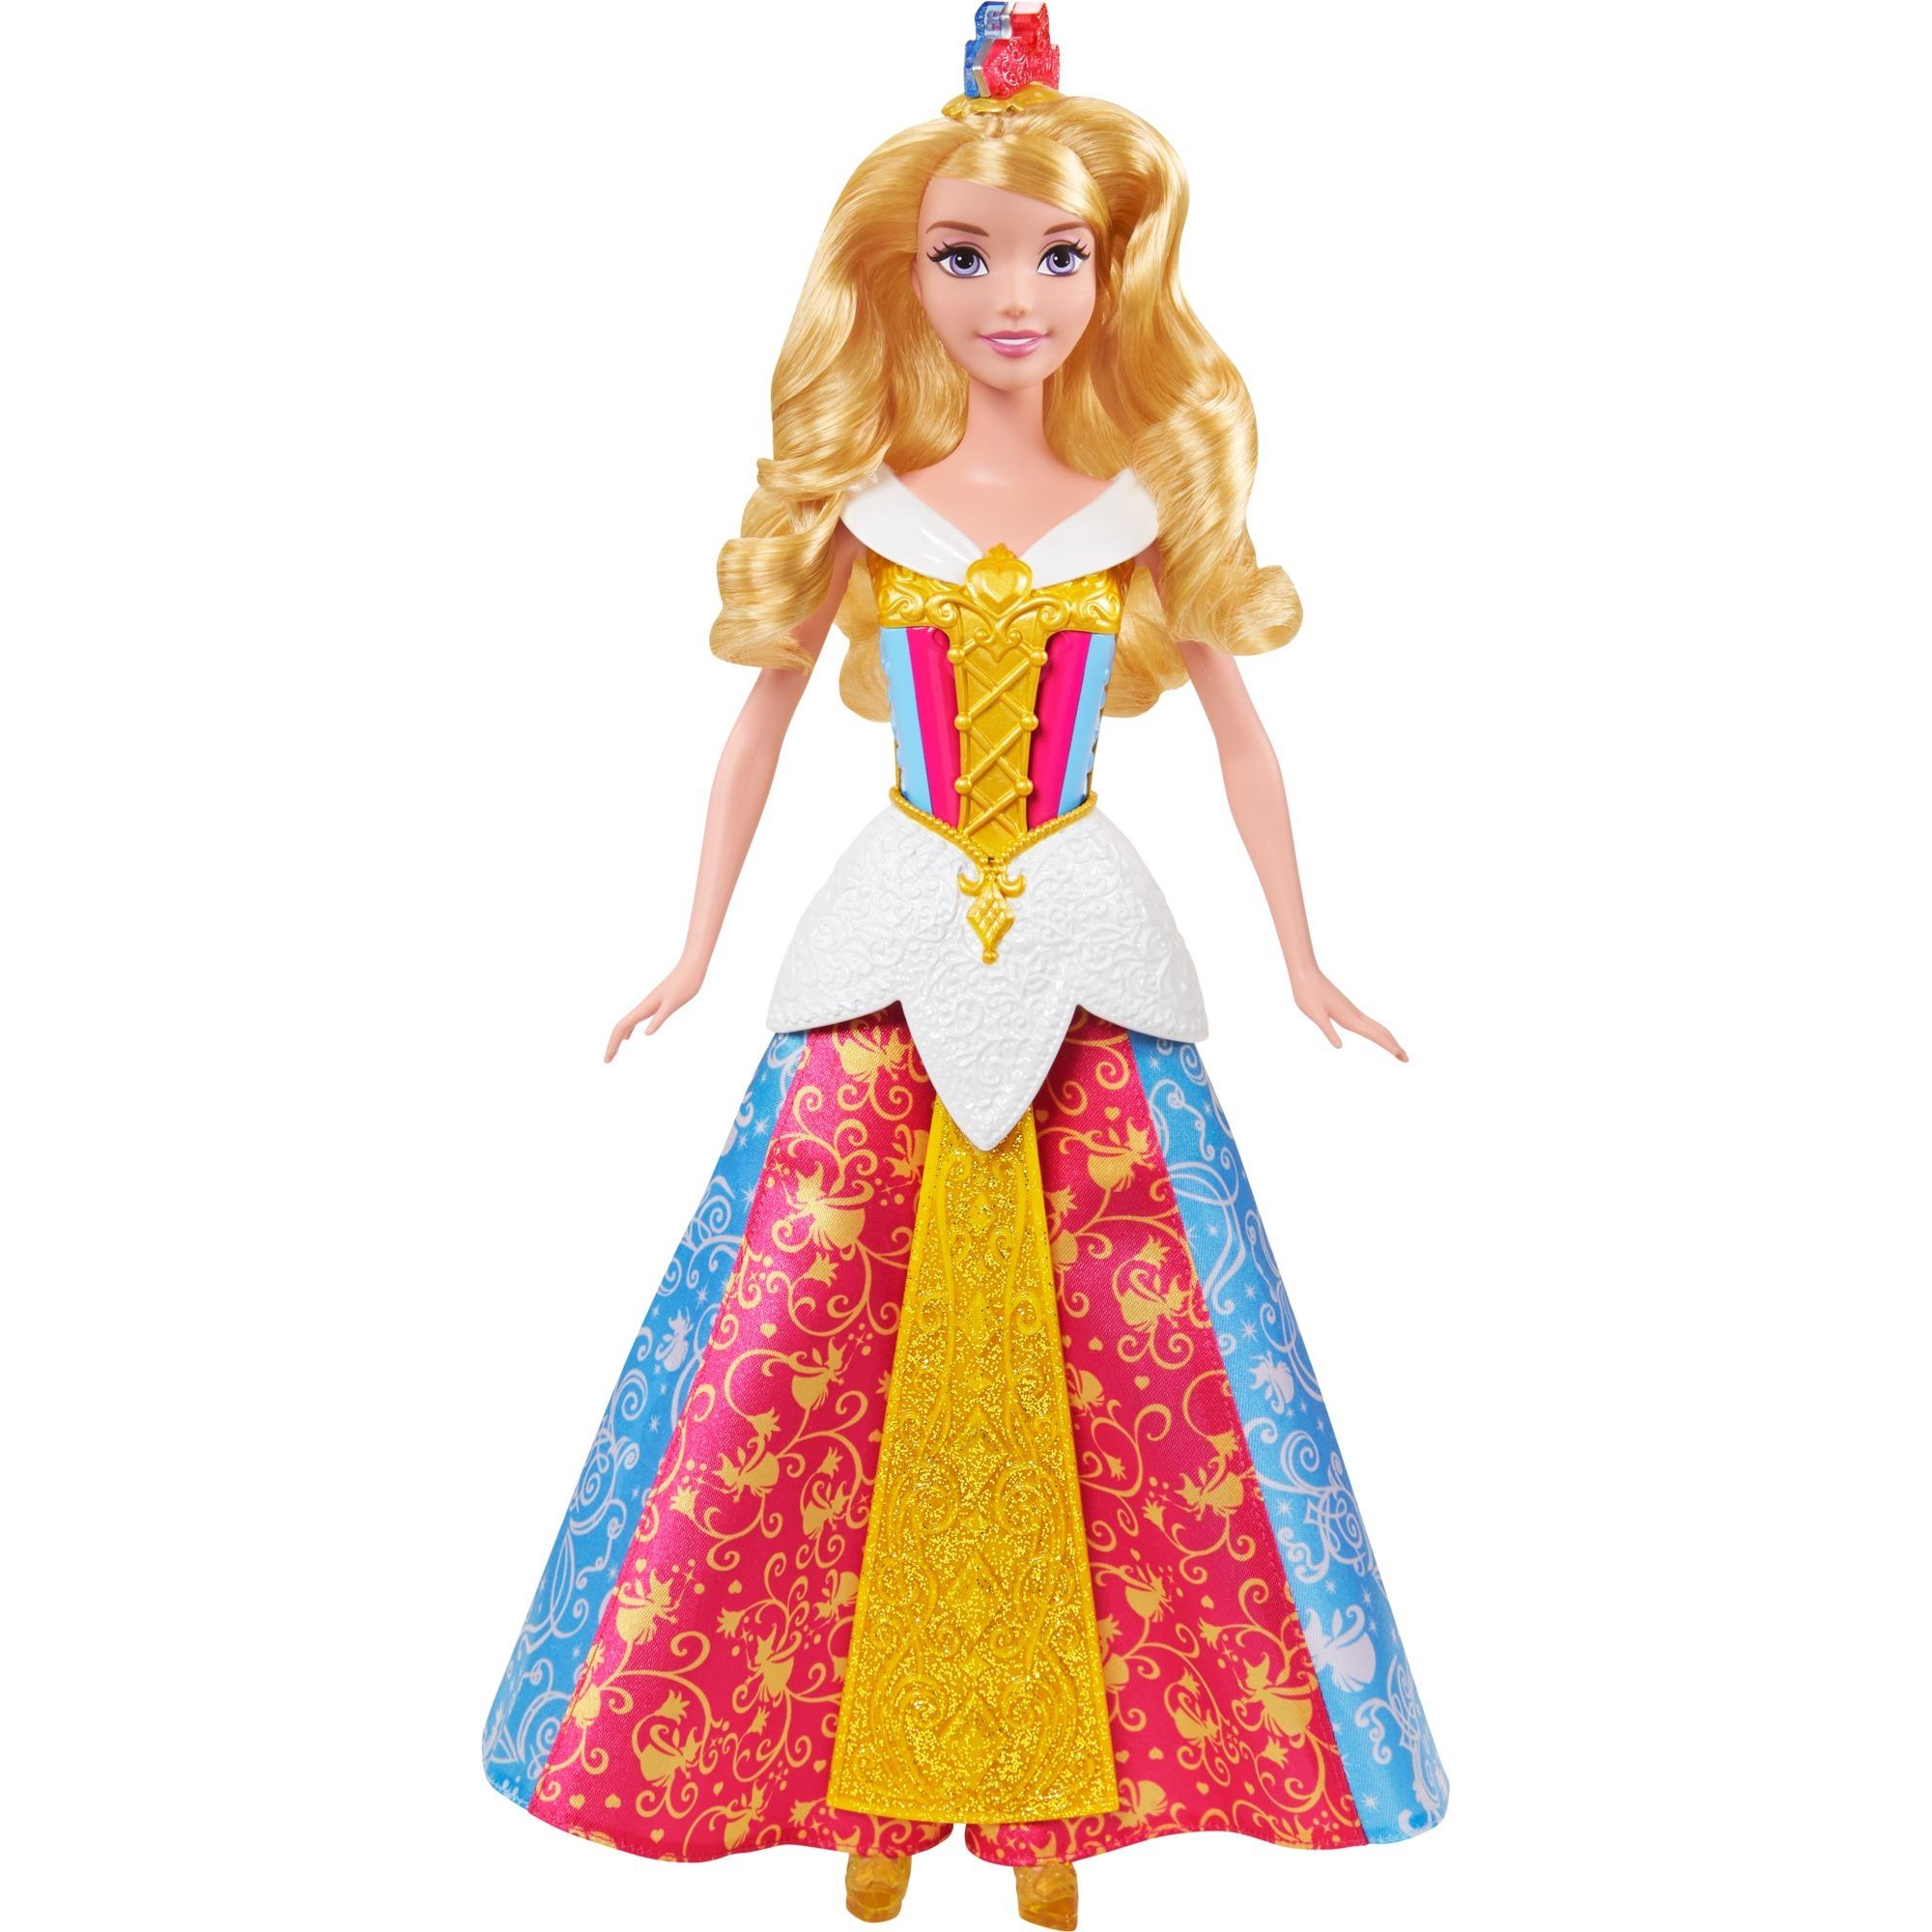 disney-princess-magic-dress-sleeping-beauty-doll-dukke